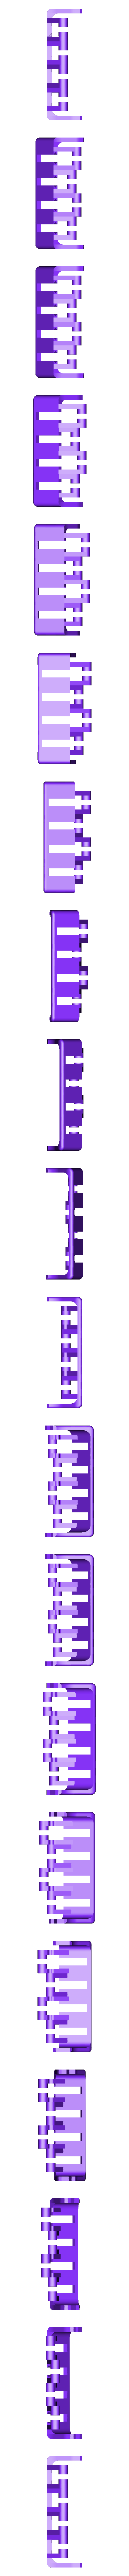 outer_frame_right_side.stl Download free STL file 8 legged spider robot • 3D print design, brianbrocken